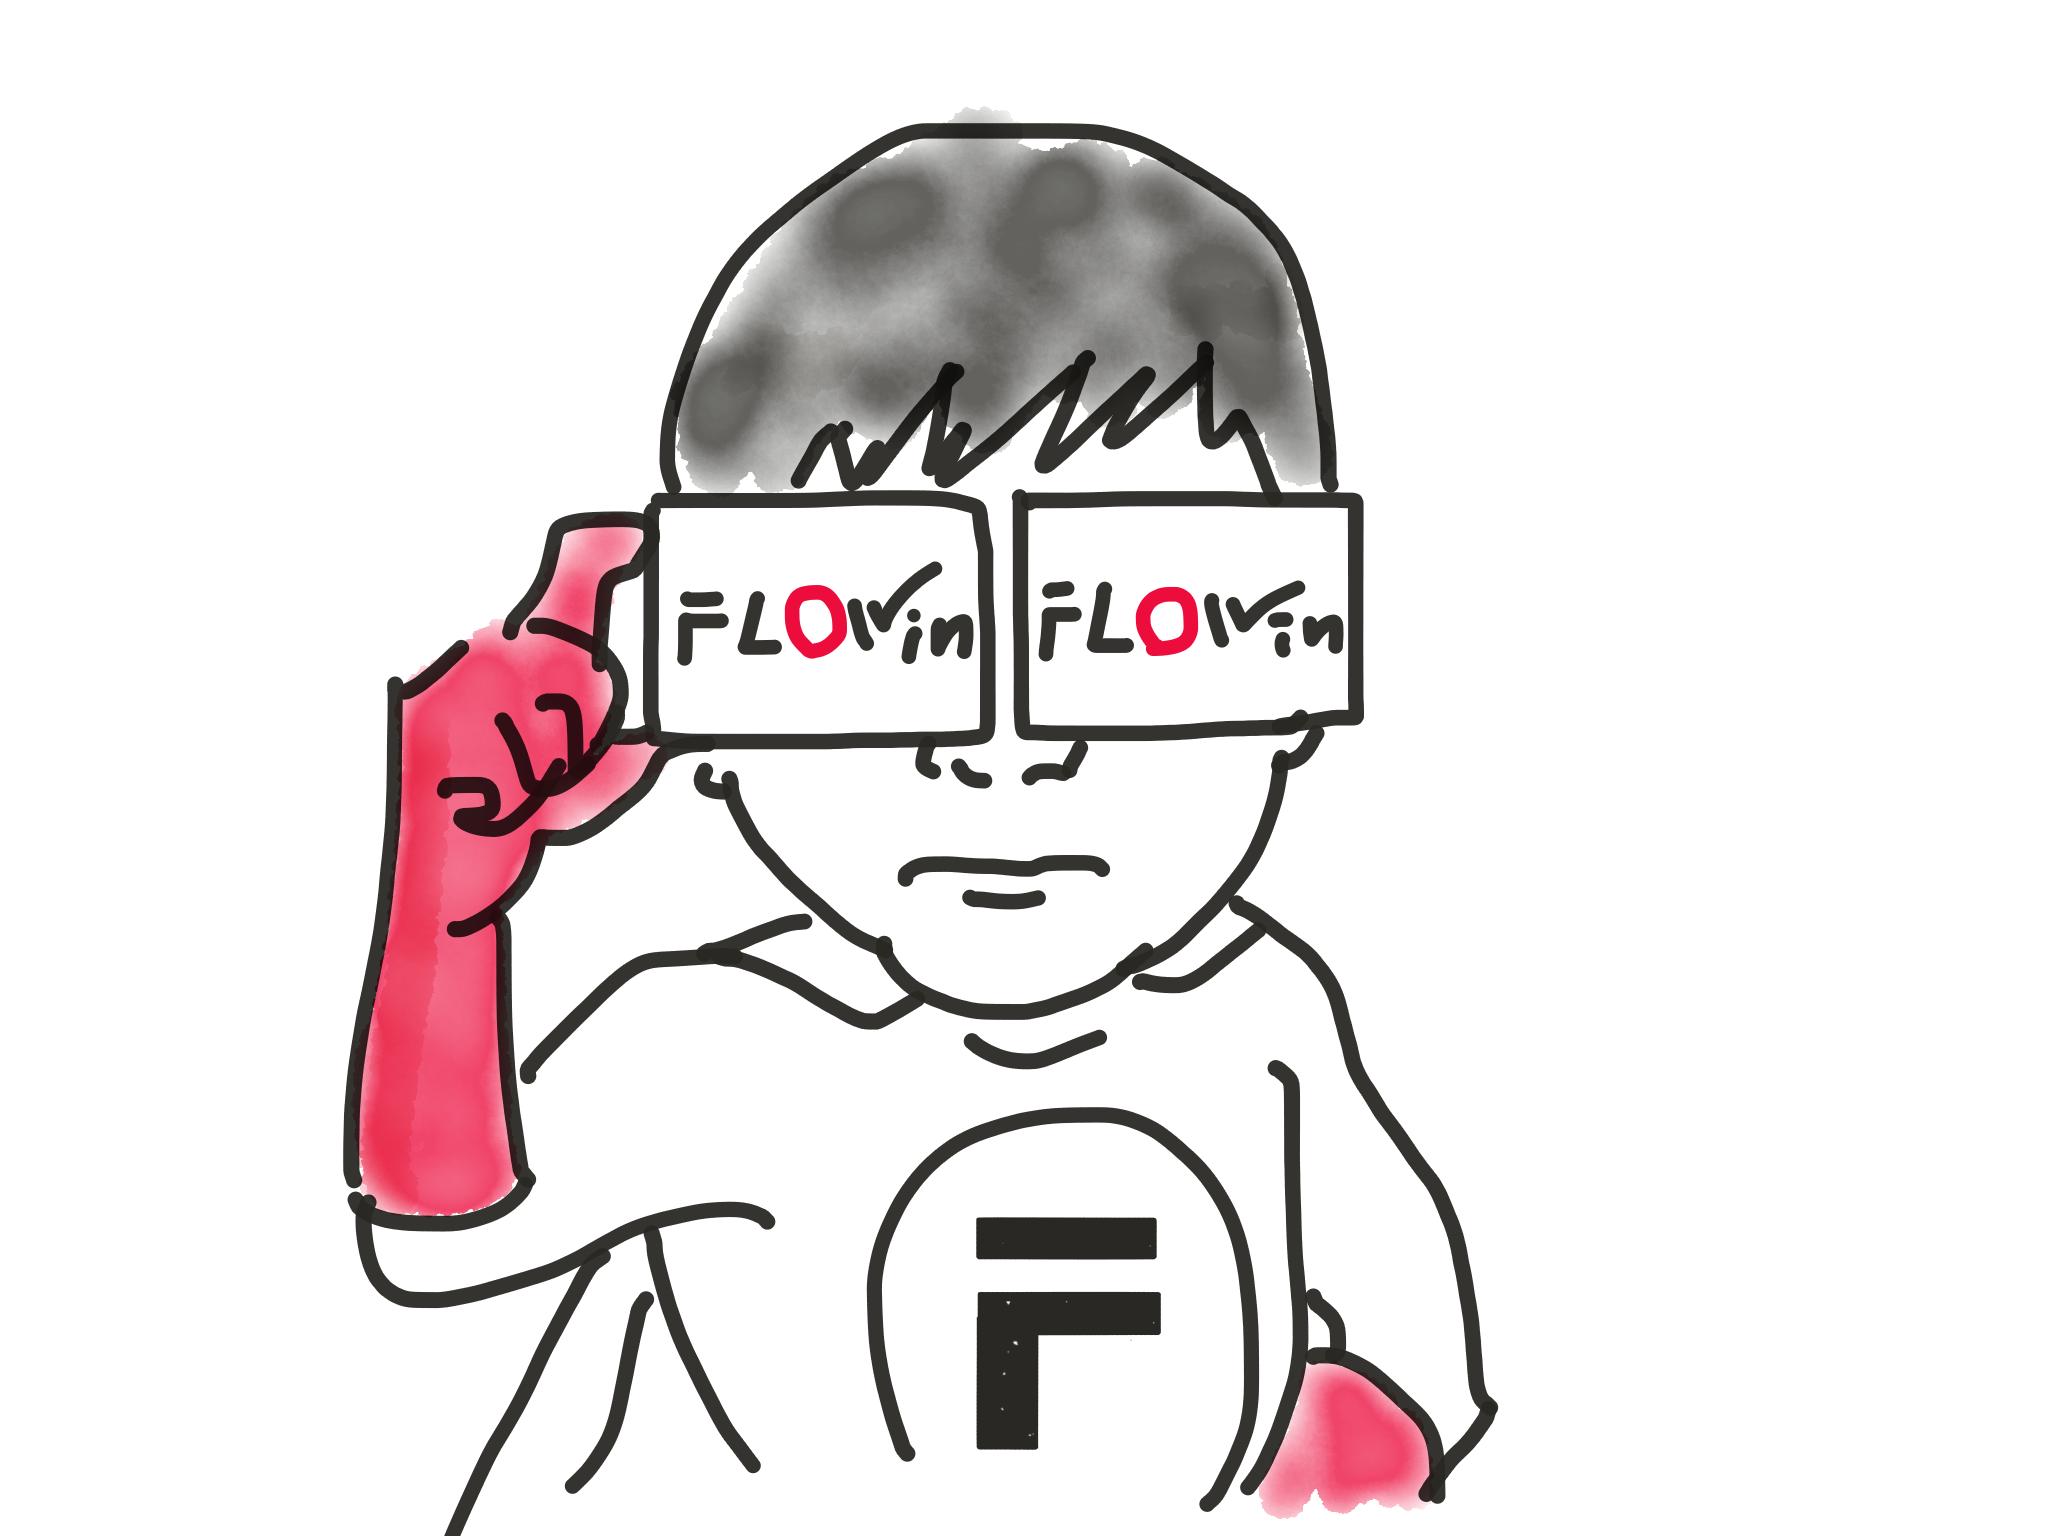 FLOWIN 長友 体幹トレーニング